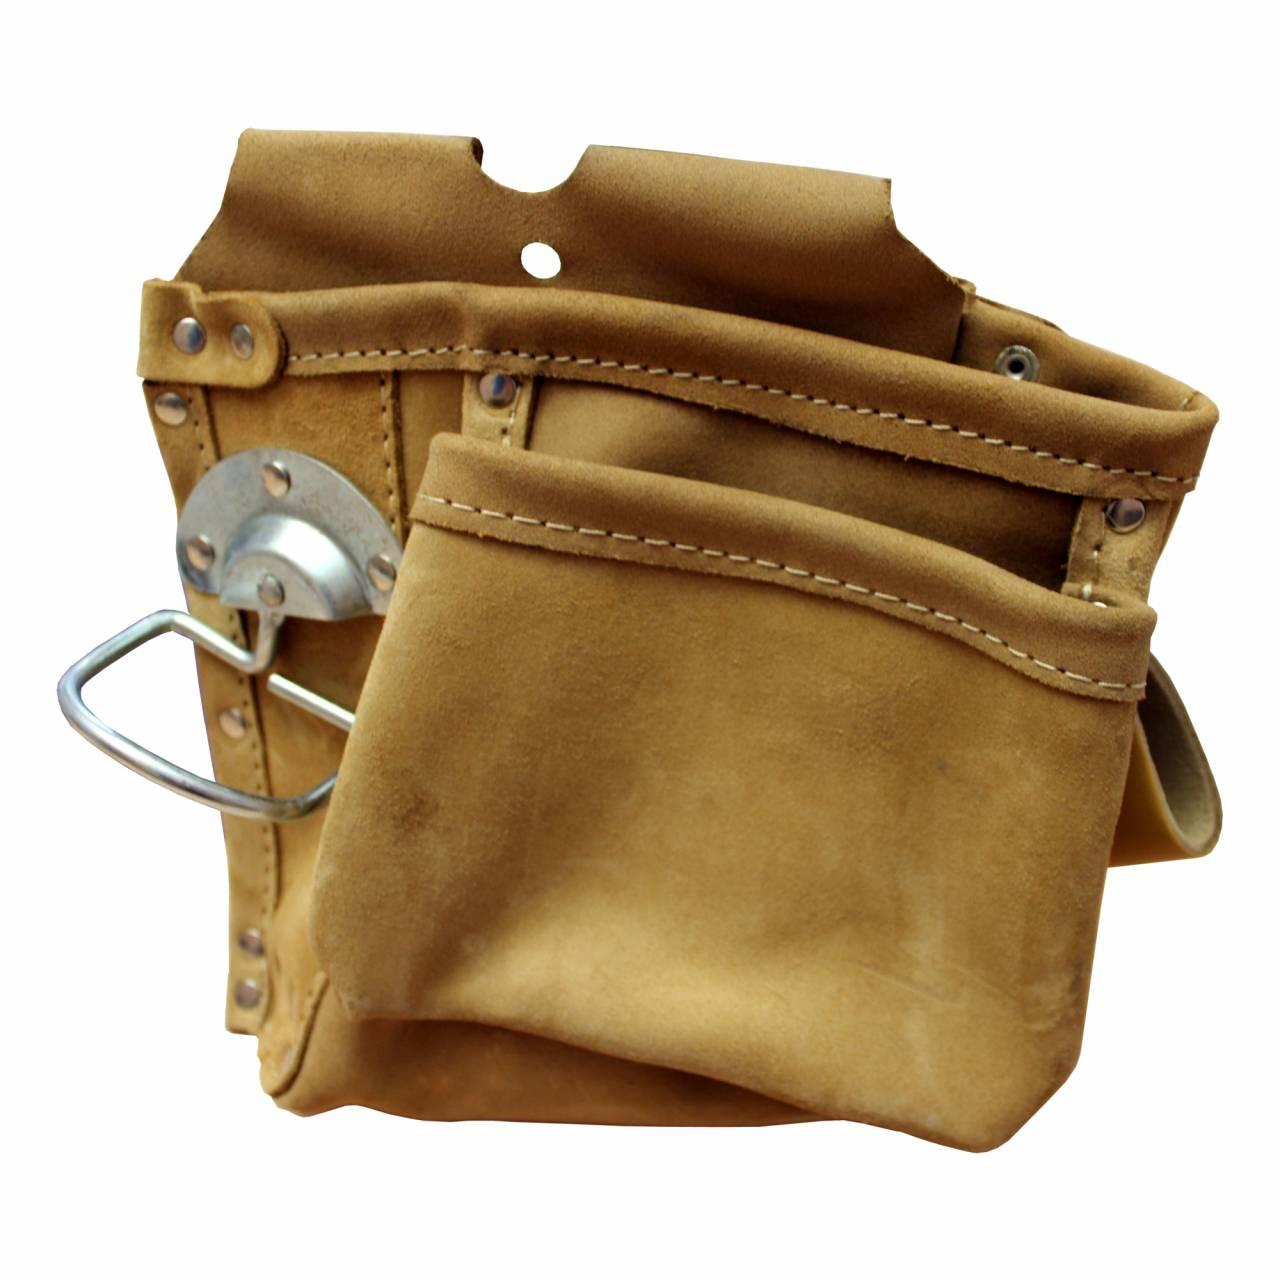 Nagel- / Werkzeugtasche, Spaltleder, 2 Taschen, 1 Halter, 1 Schlaufe